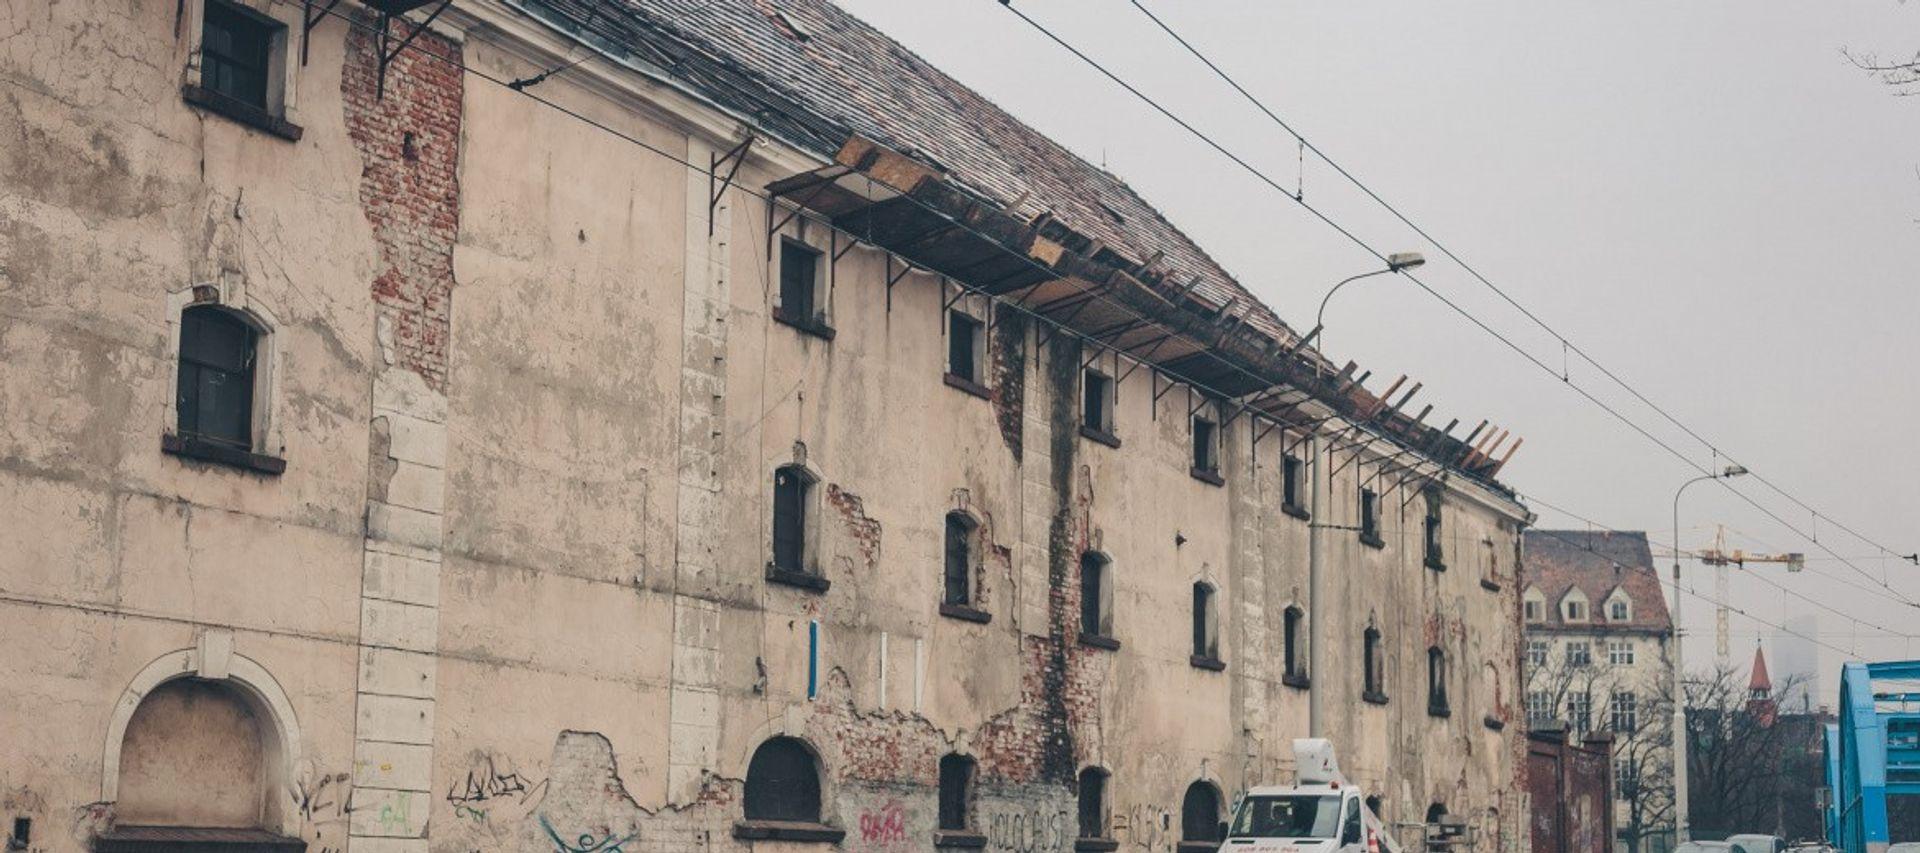 [Wrocław] I2 Development sprzeda zabytkowy spichlerz przy Księcia Witolda za prawie 40 mln złotych